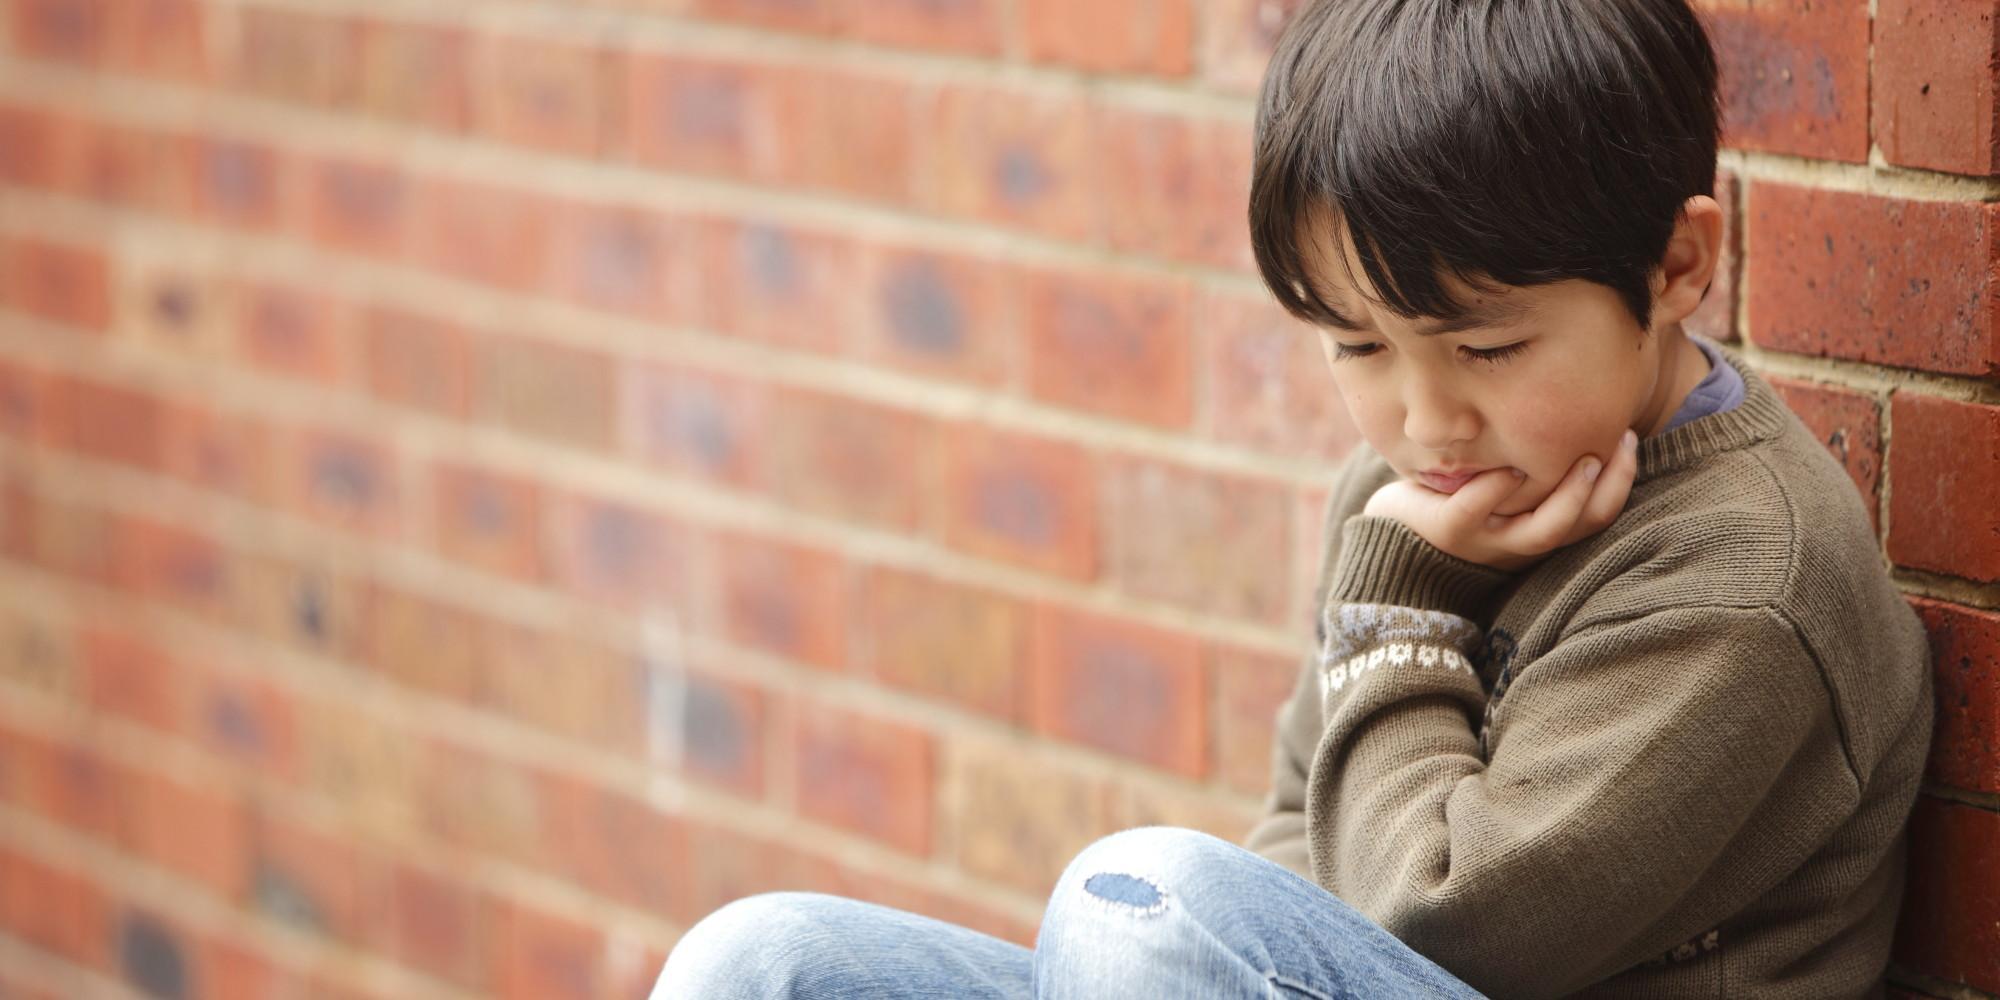 Как воспитать жертву и неудачника: вредные советы